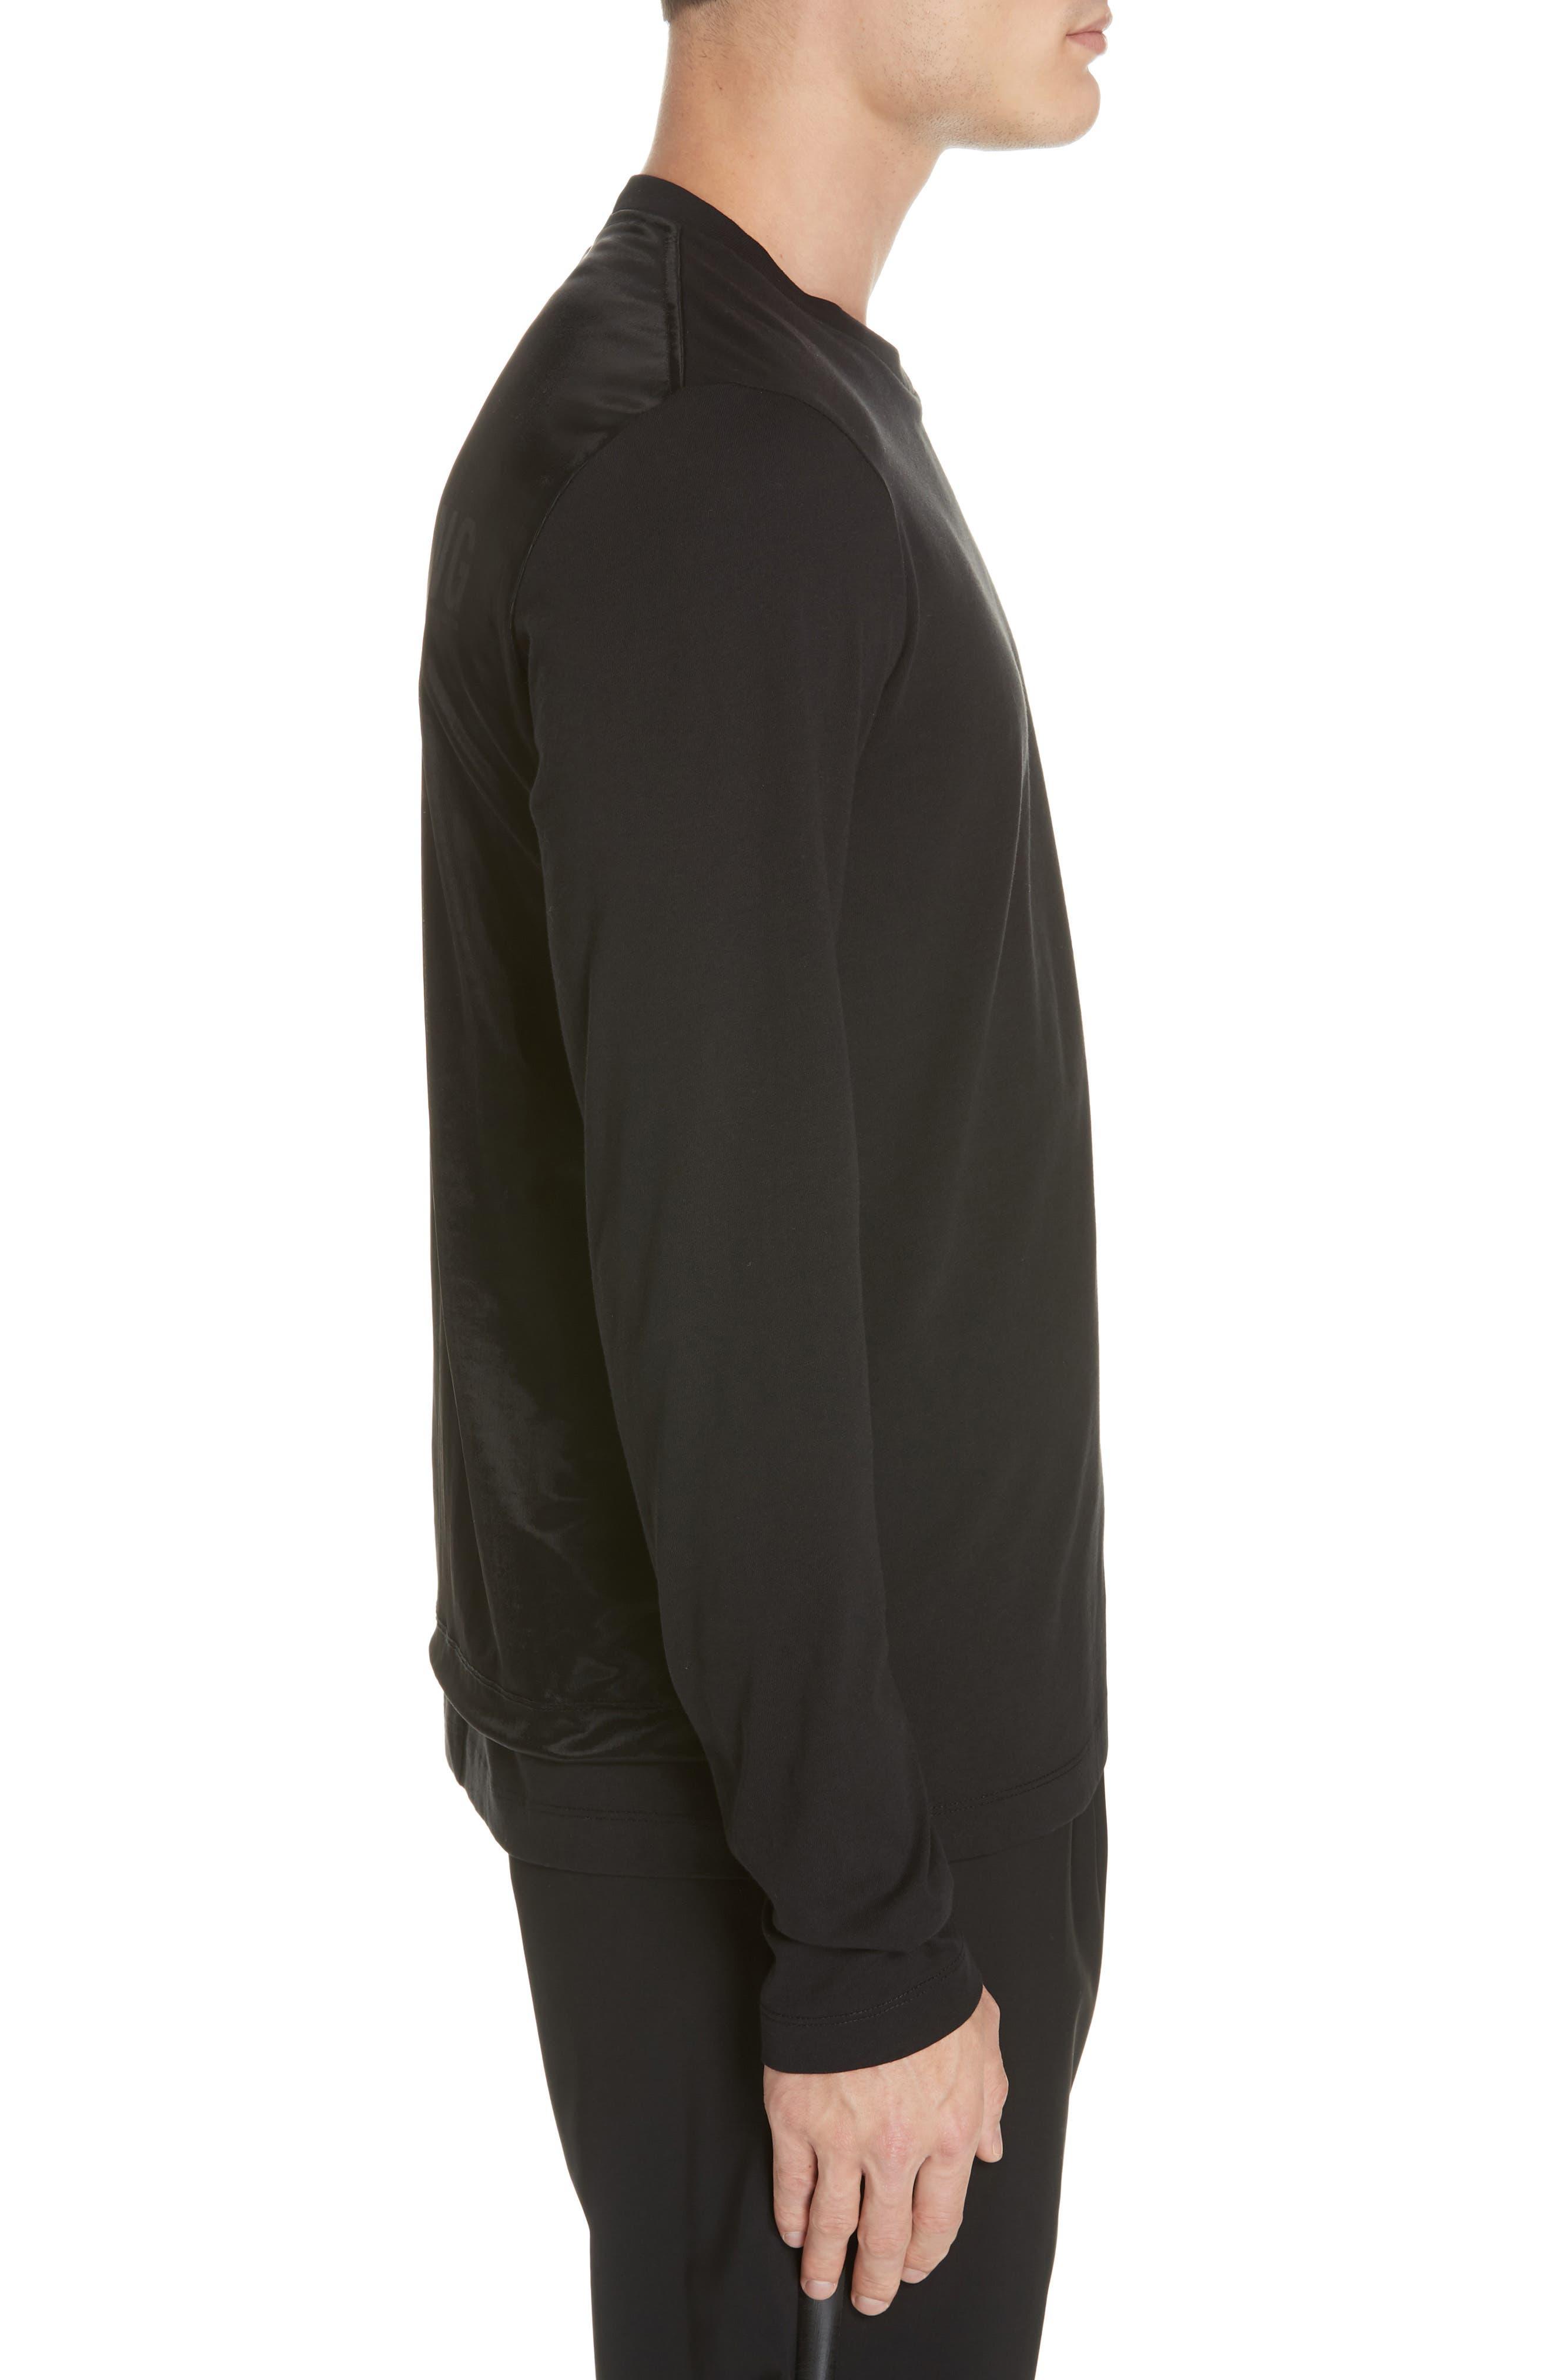 HELMUT LANG, Overlay Long Sleeve T-Shirt, Alternate thumbnail 3, color, BLACK